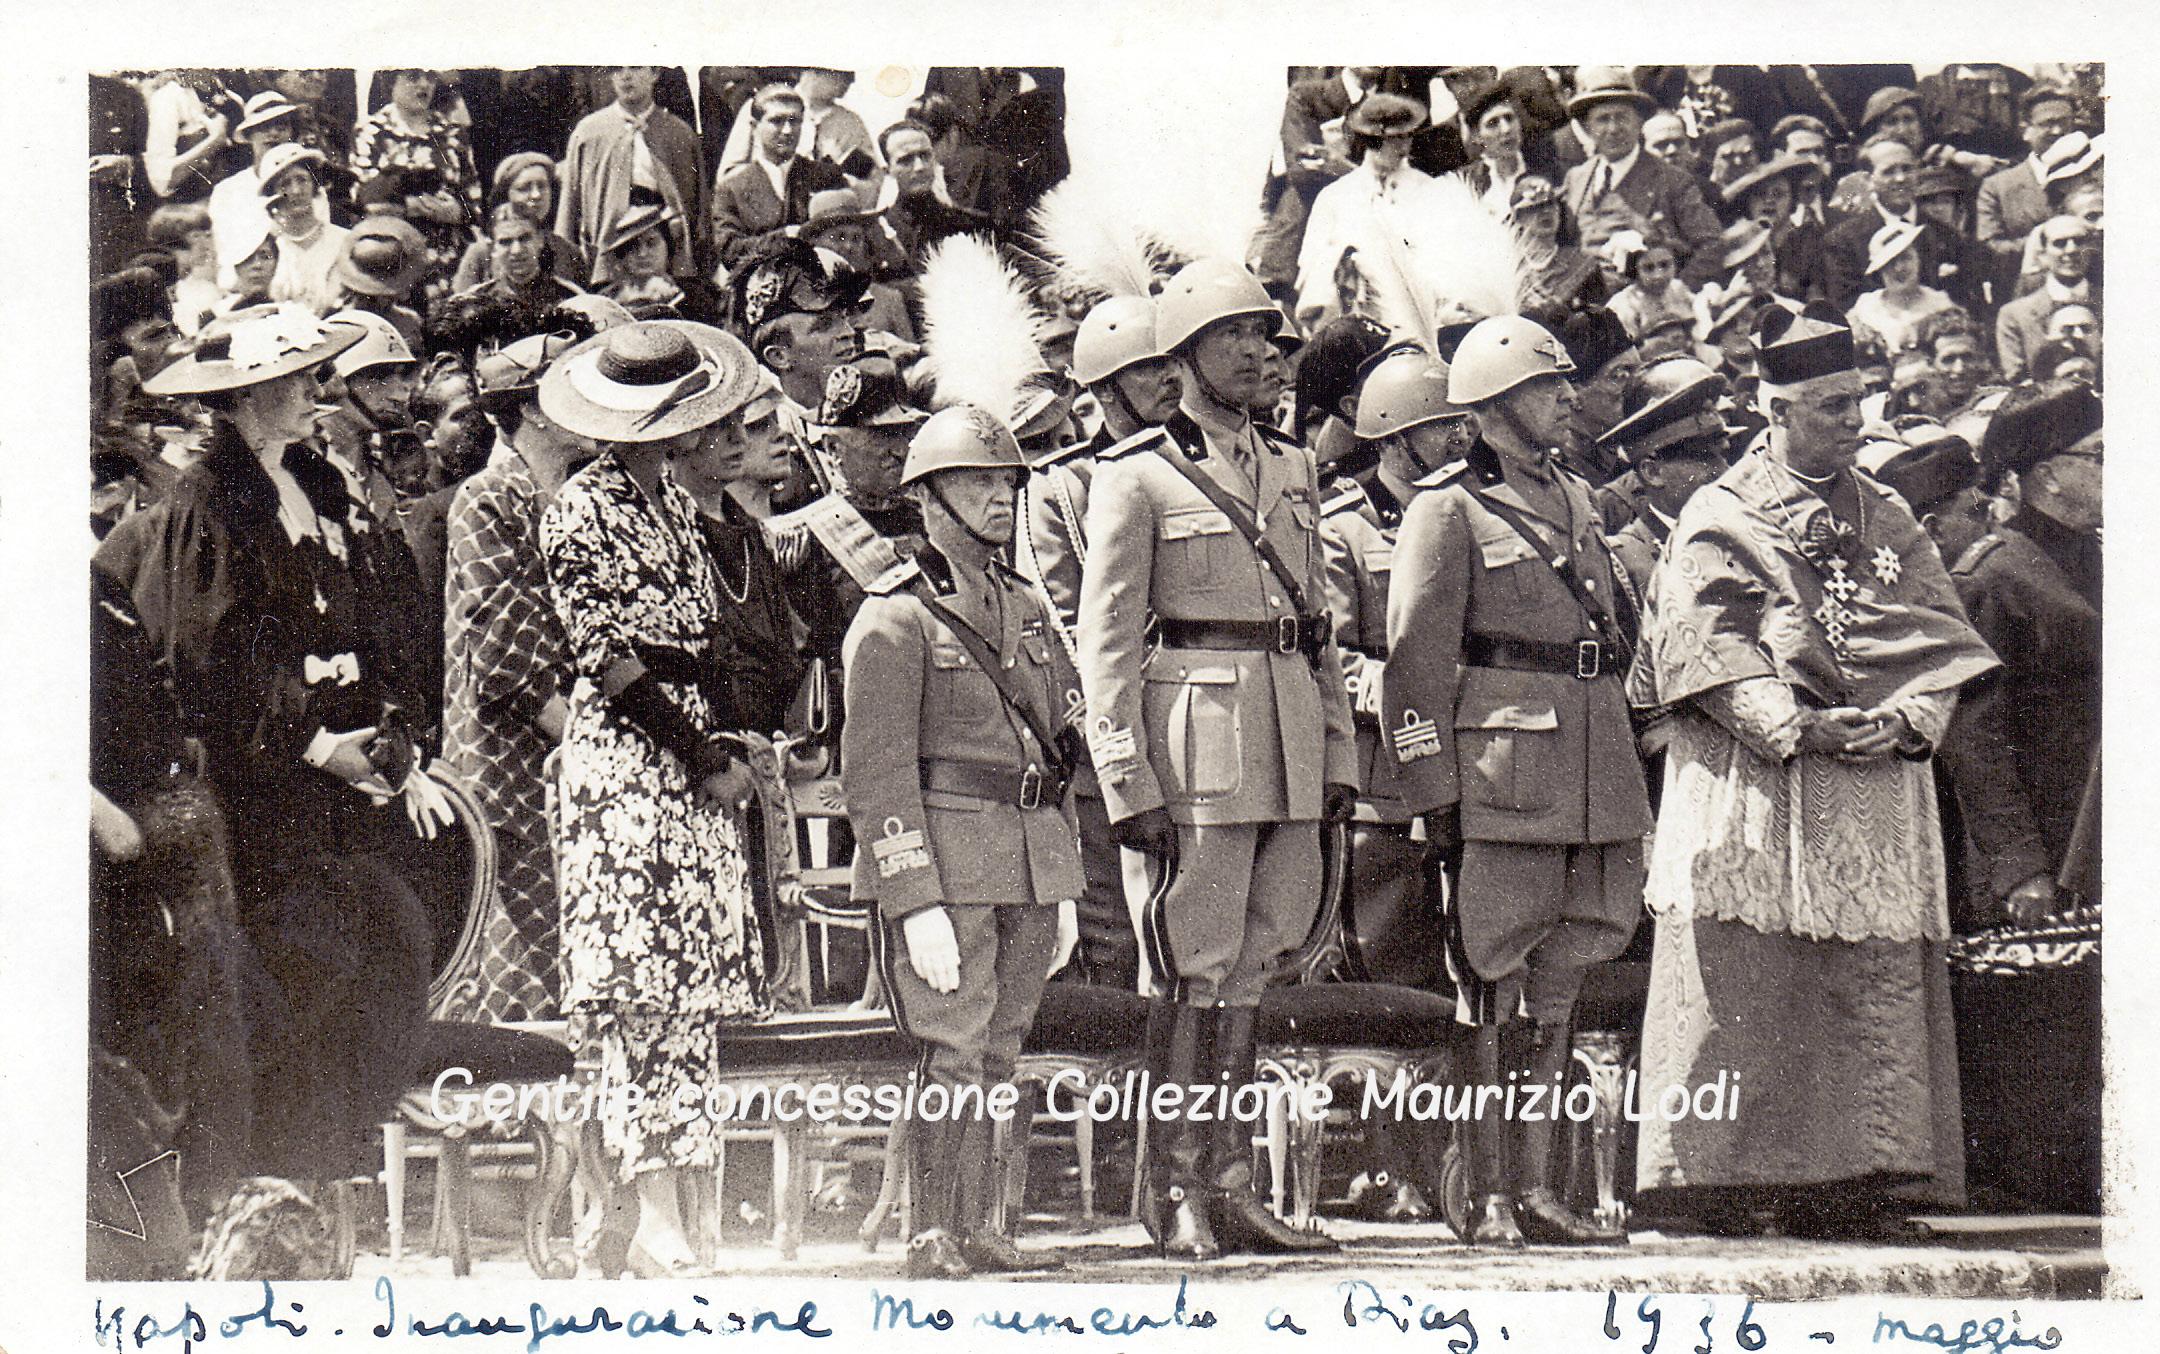 Napoli 1936 05 25 inaug mon al gen diaz con il re e i principi piemonte (c).jpg